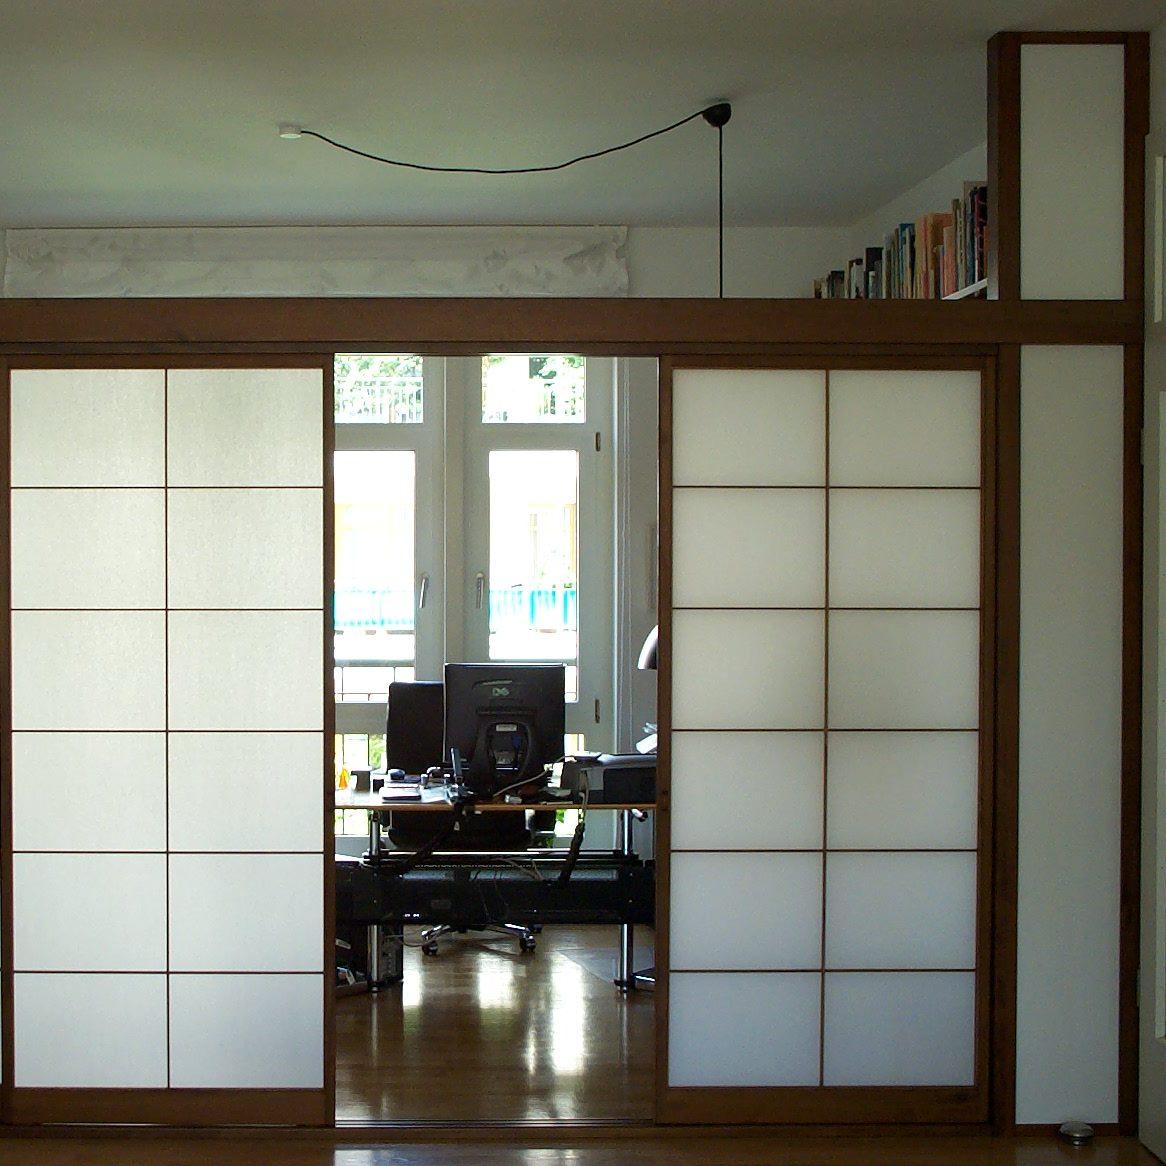 Takumi Japanische Raumgestaltung Japanische Einrichtungen